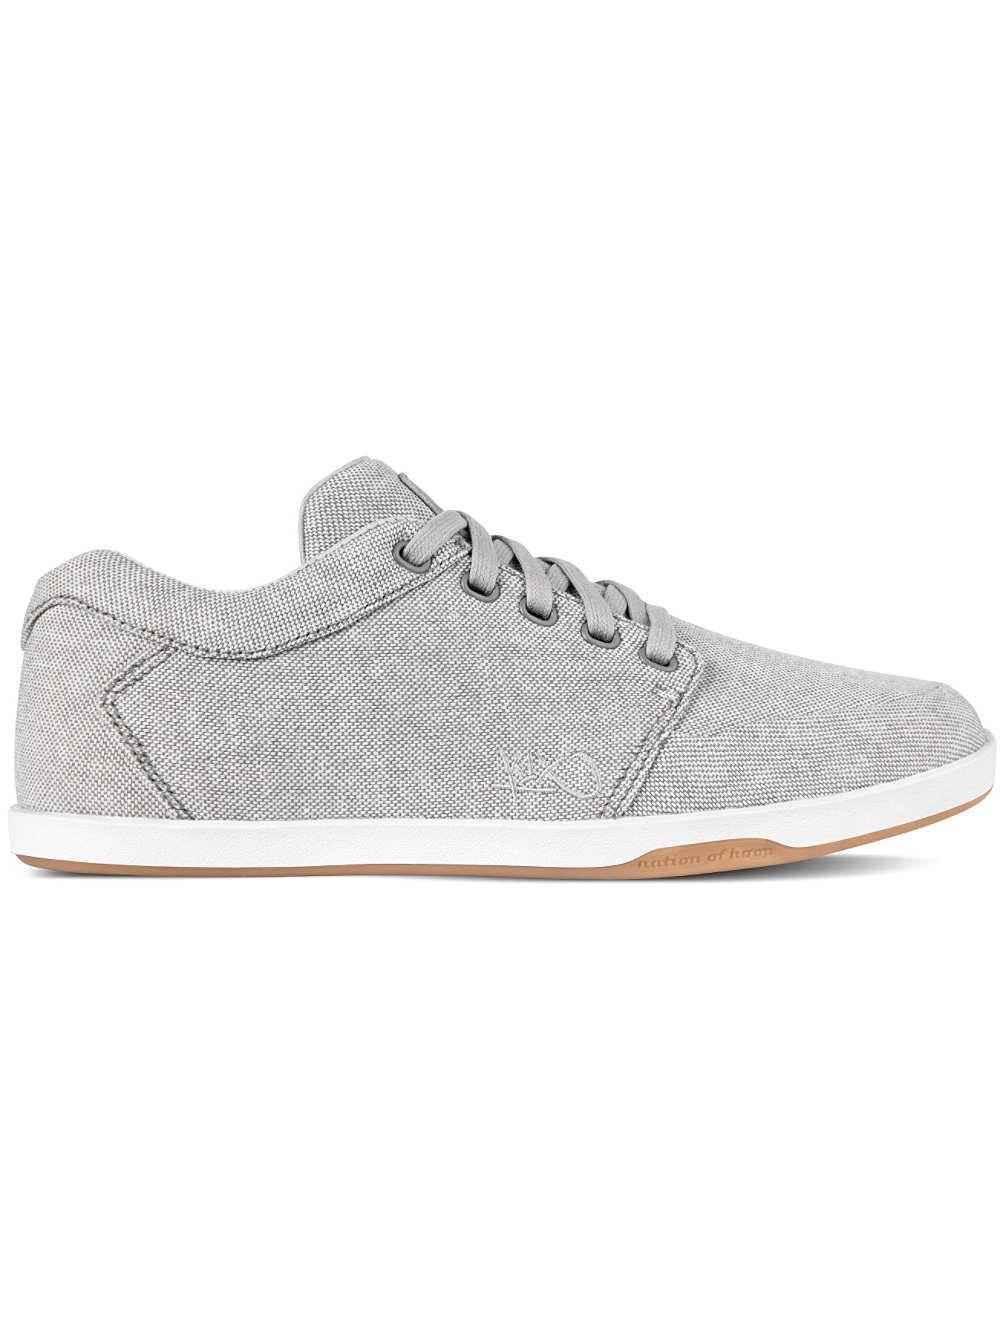 K1X Hombres Calzado / Zapatillas de deporte LP Low 45 EU|Gris